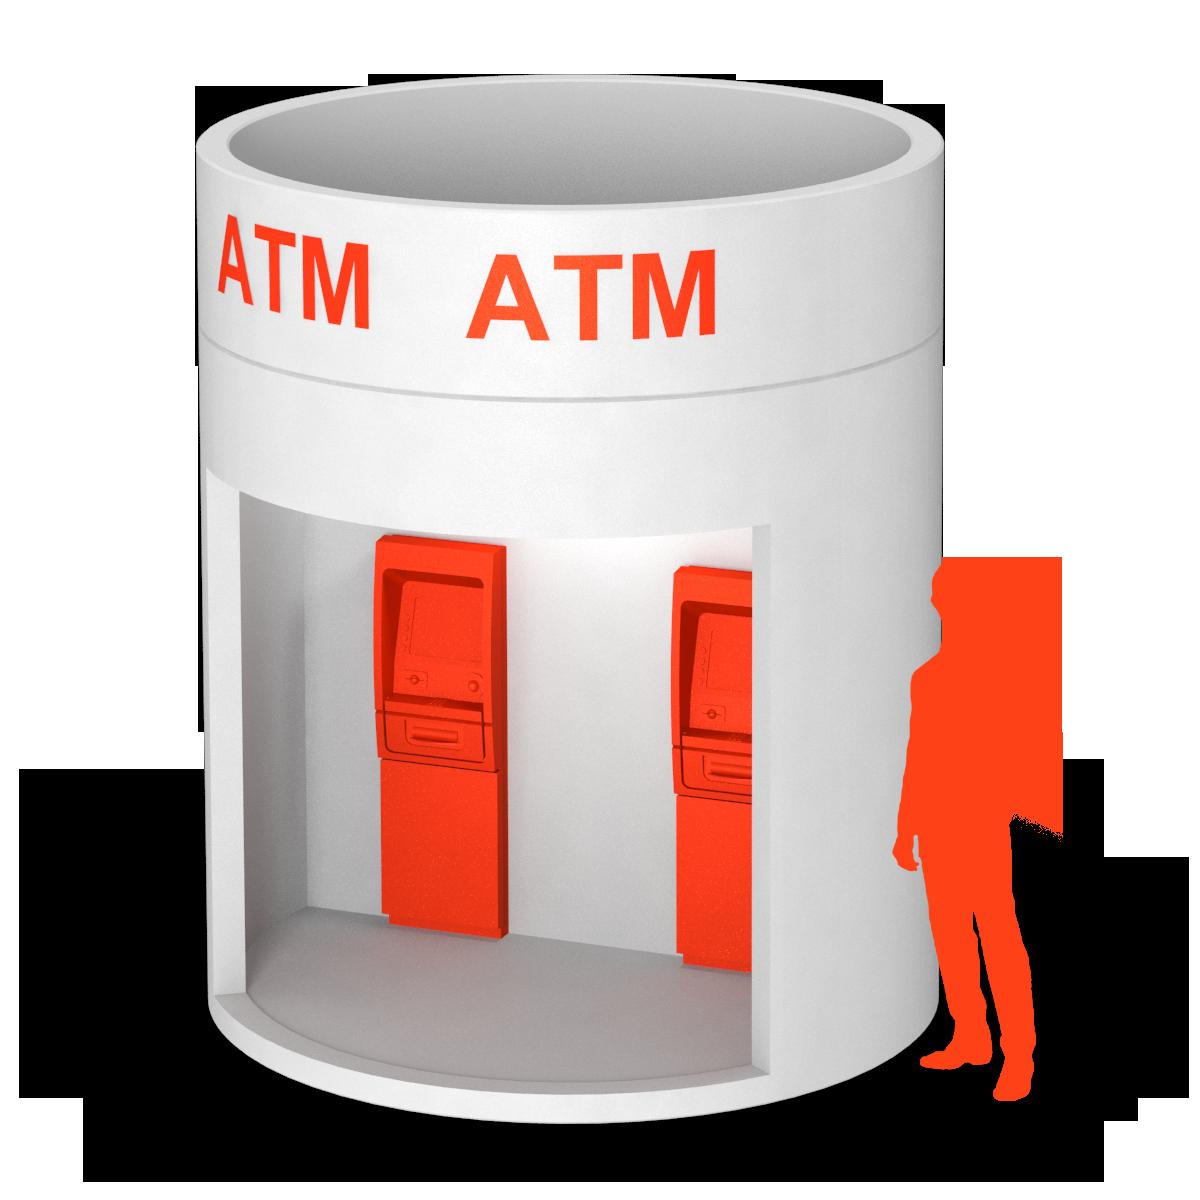 bboxx ATM 2 ATMs inside